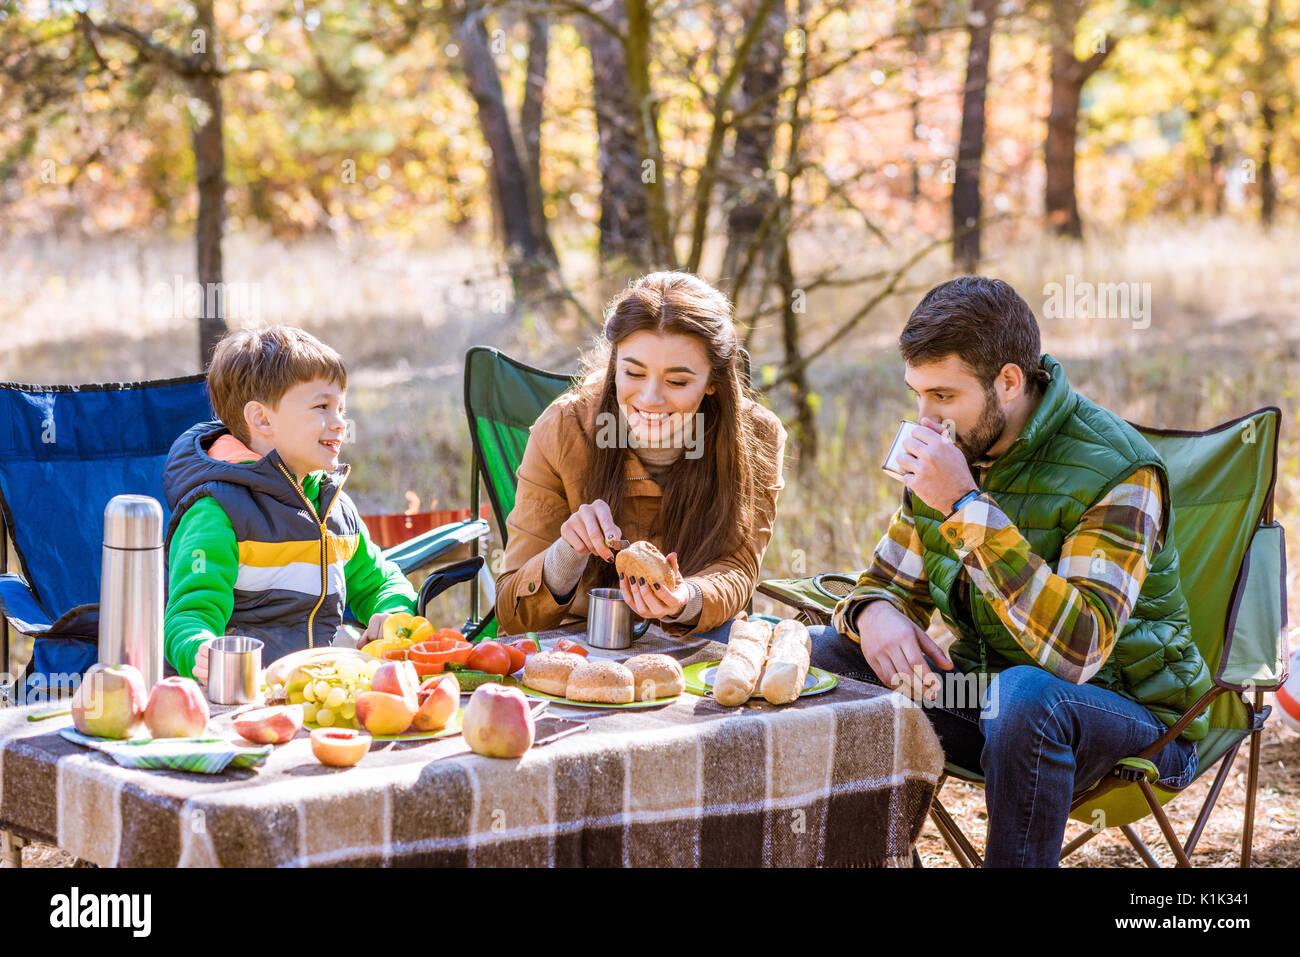 Happy smiling family eating et s'amuser tout en étant assis à table à pique-nique dans la forêt d'automne Photo Stock